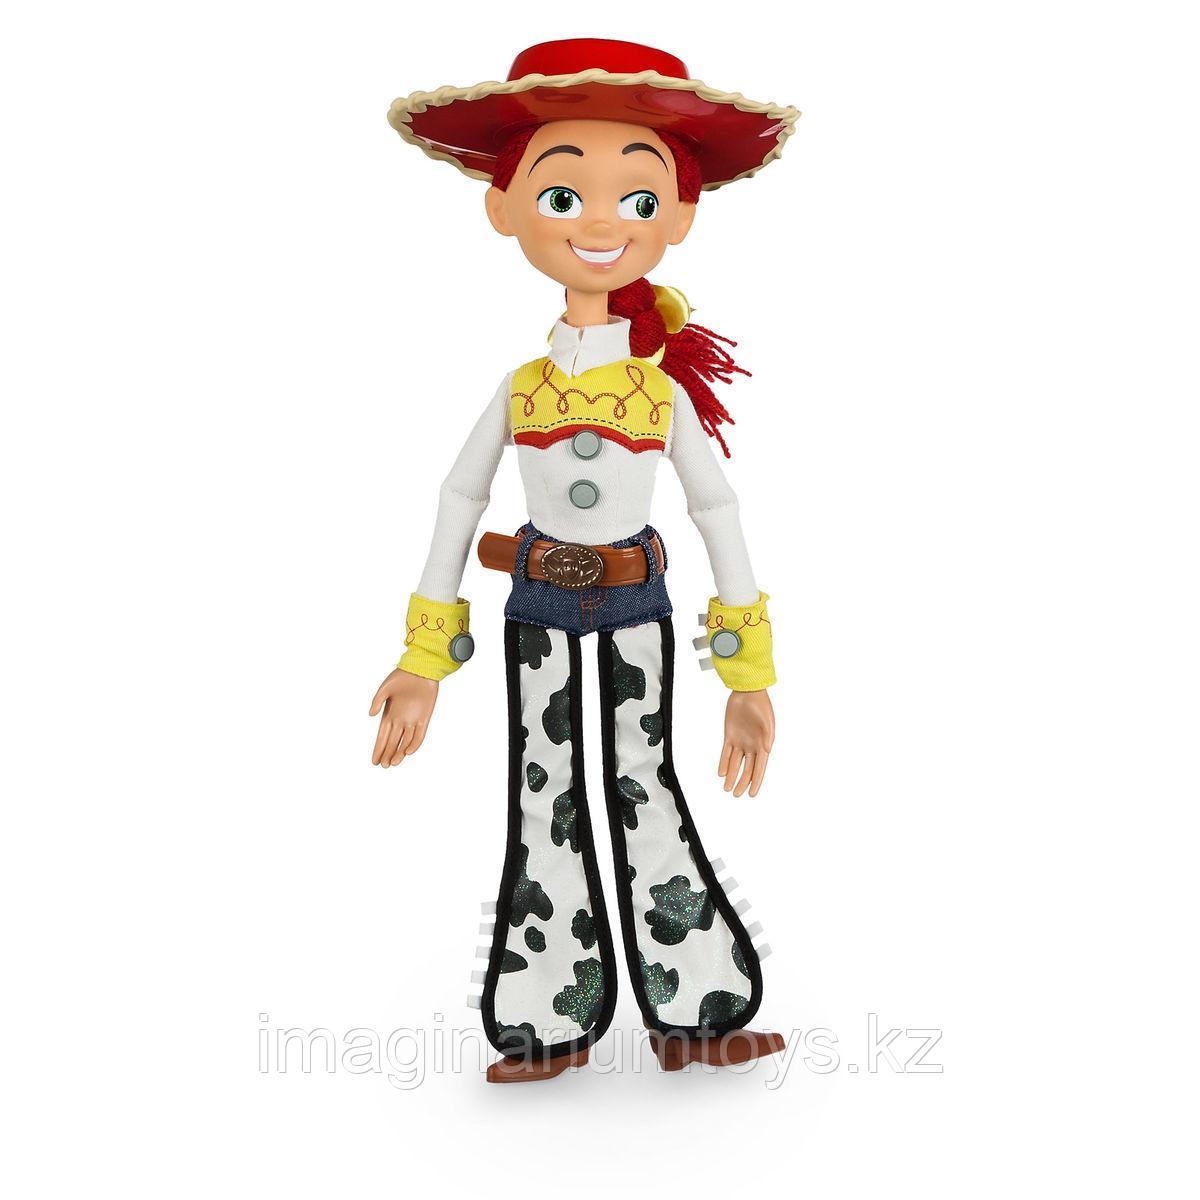 Кукла говорящая Джесси из мульфильма «История игрушек» 39 см